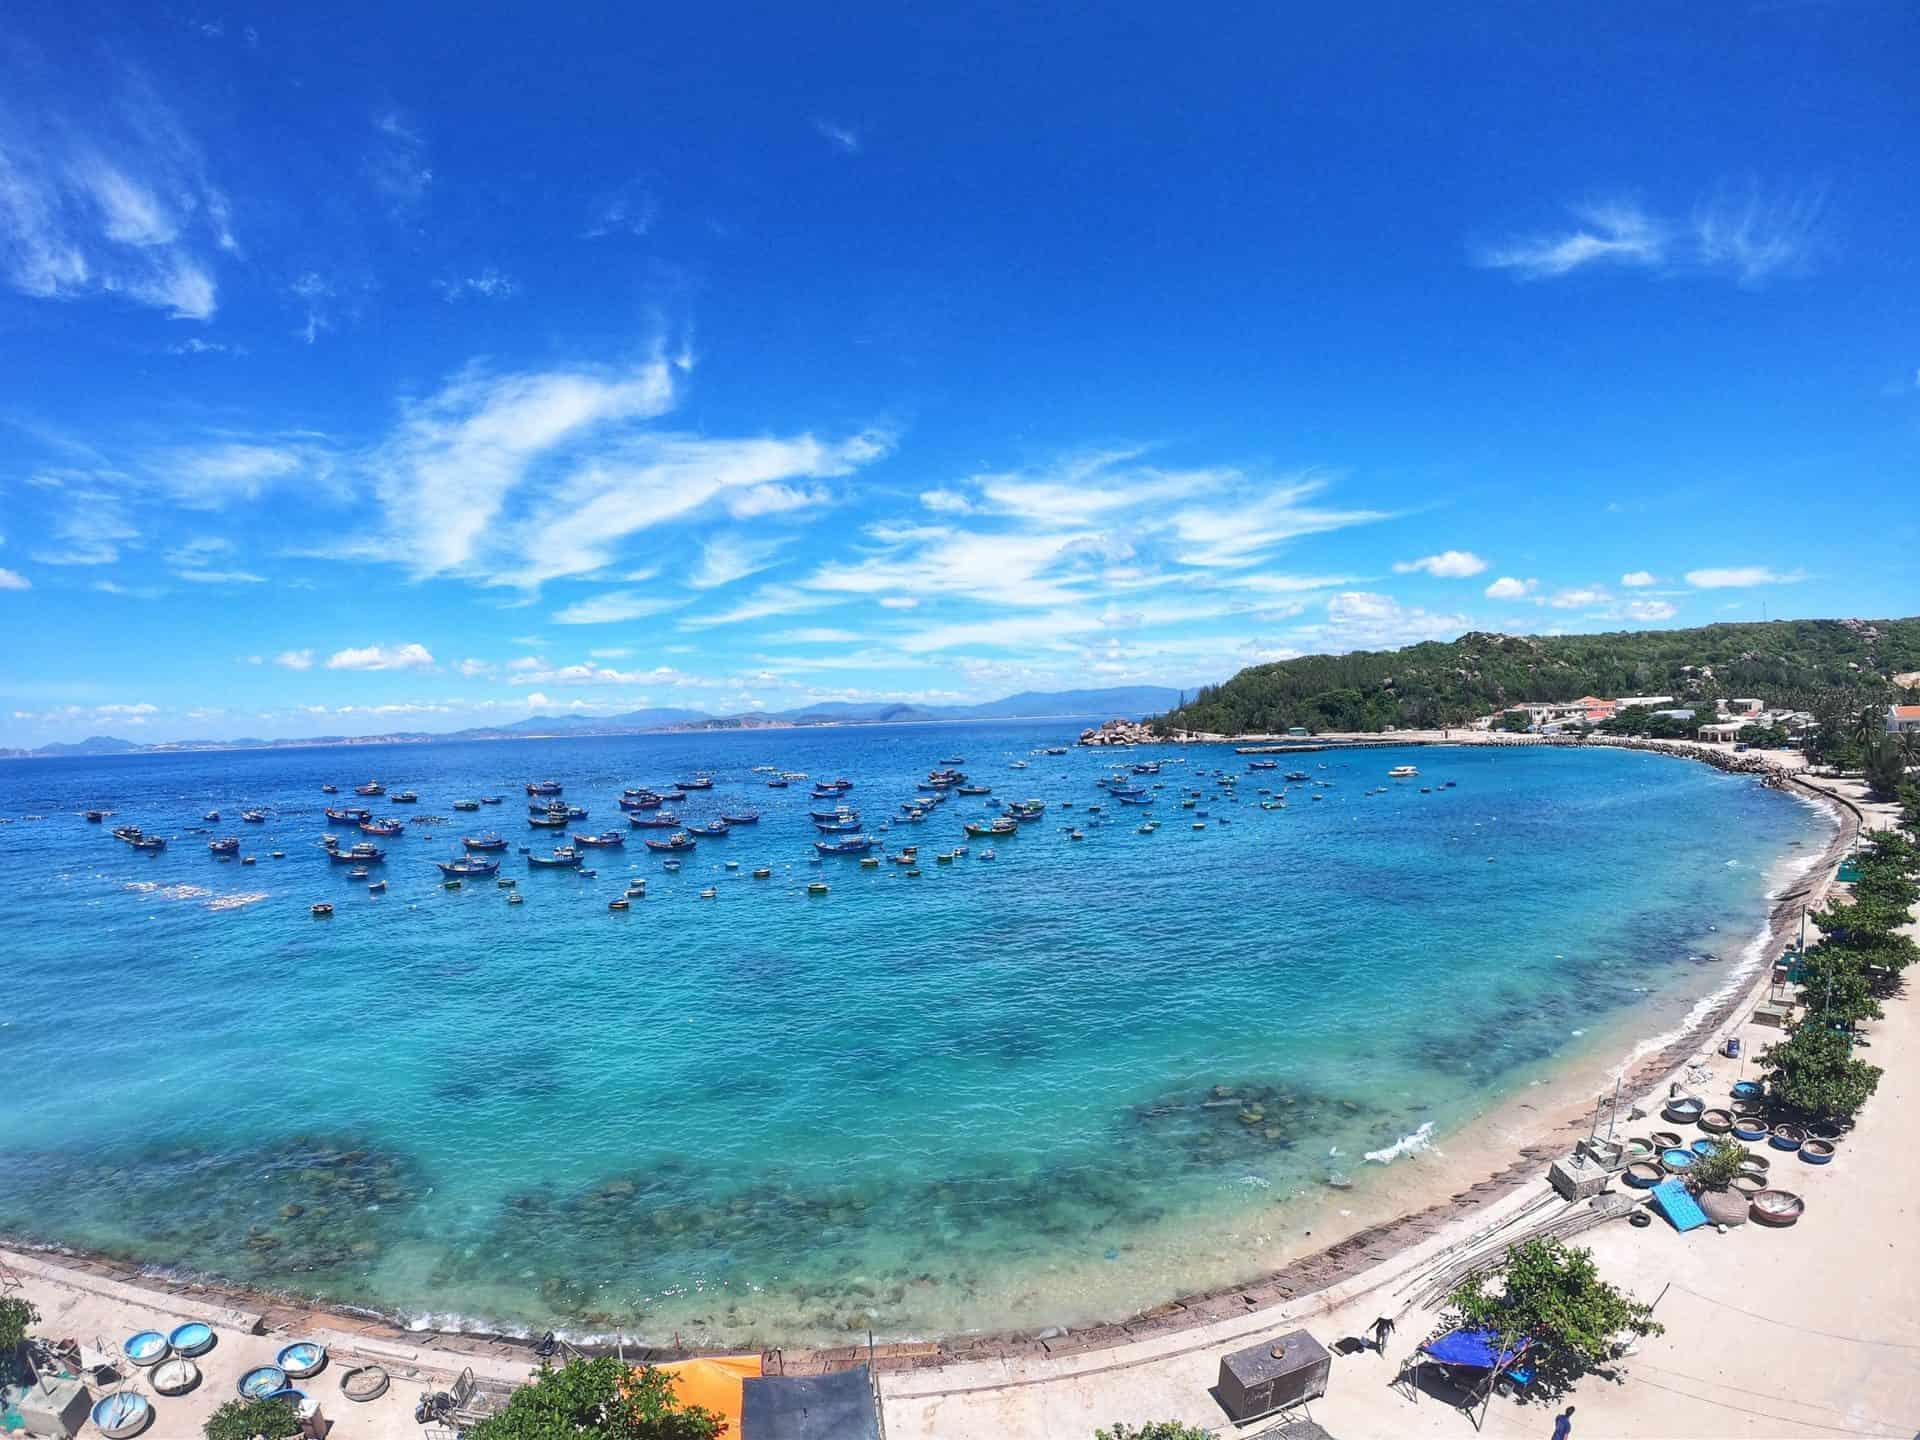 nhà hàng view biển cù lao xanh